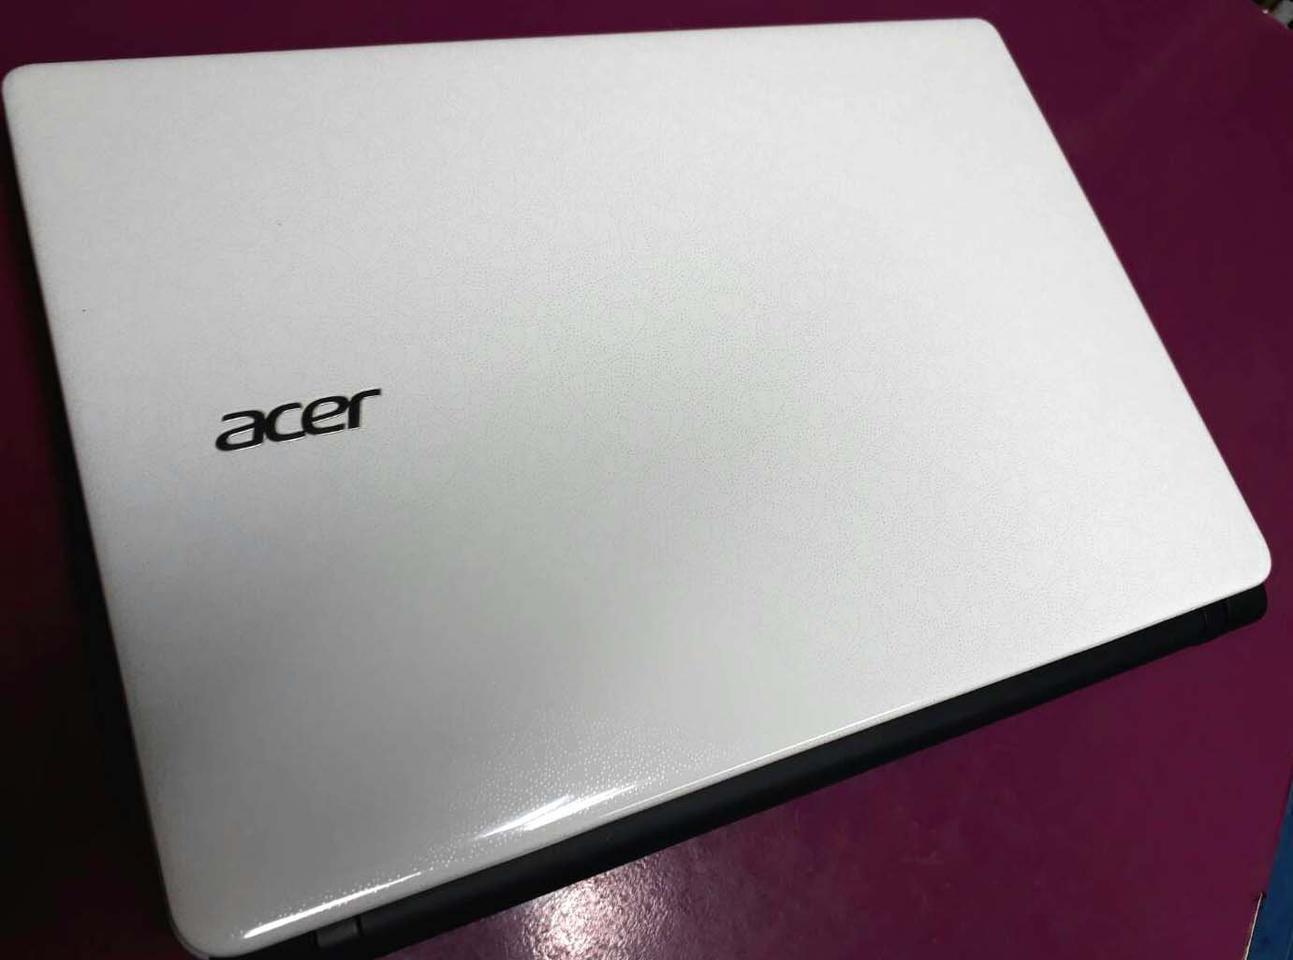 โน้ตบุกส์ Acer Aspire E1-470 สภาพ 100% รูปที่ 2